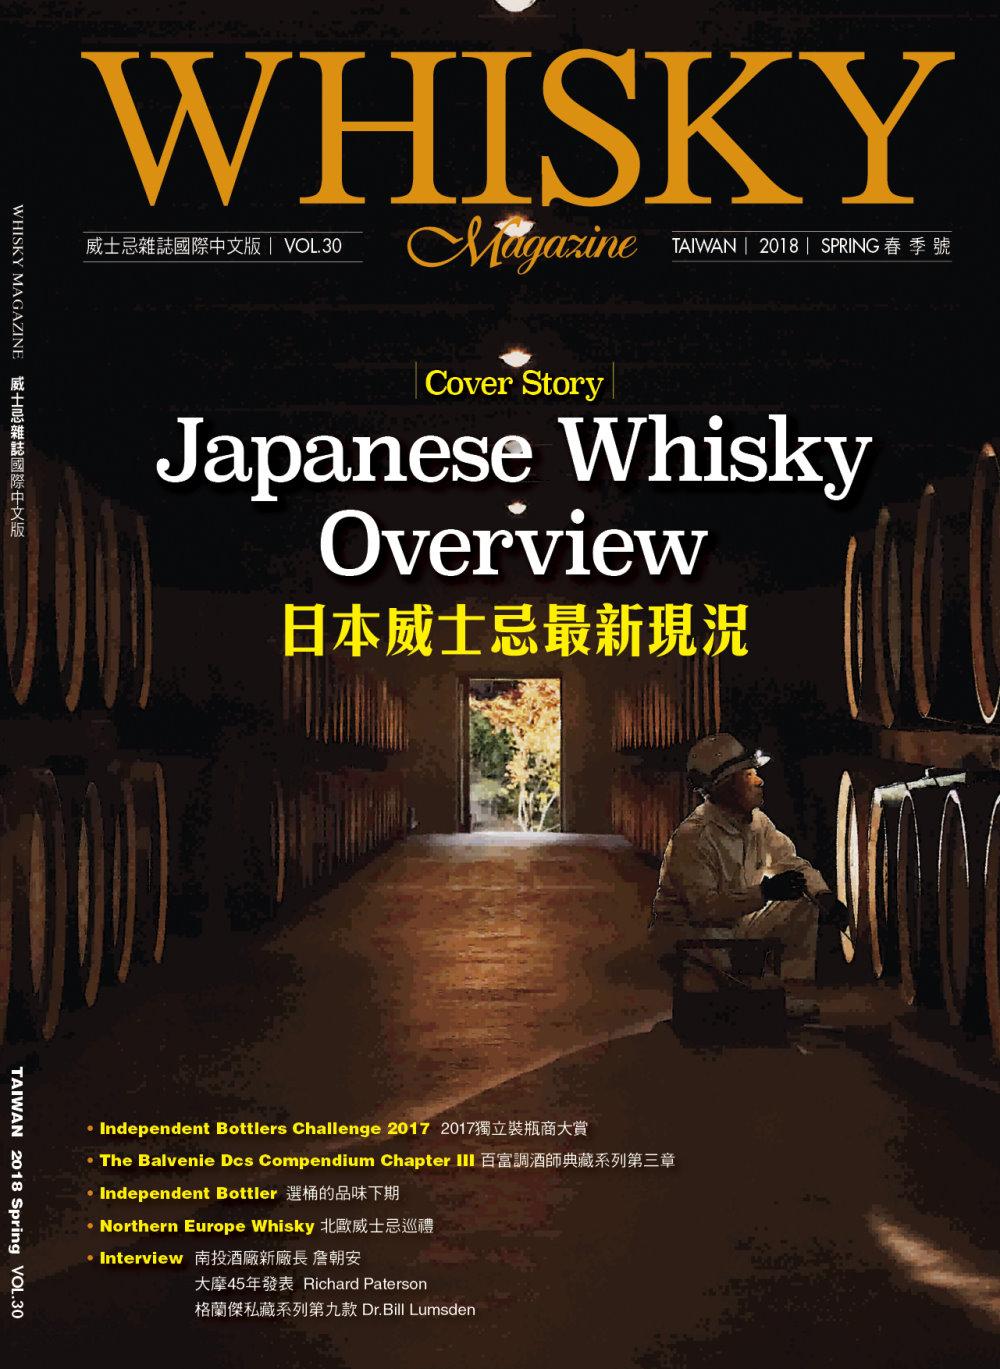 Whisky Magazine威士忌雜誌國際中文版 春季號/2018第30期